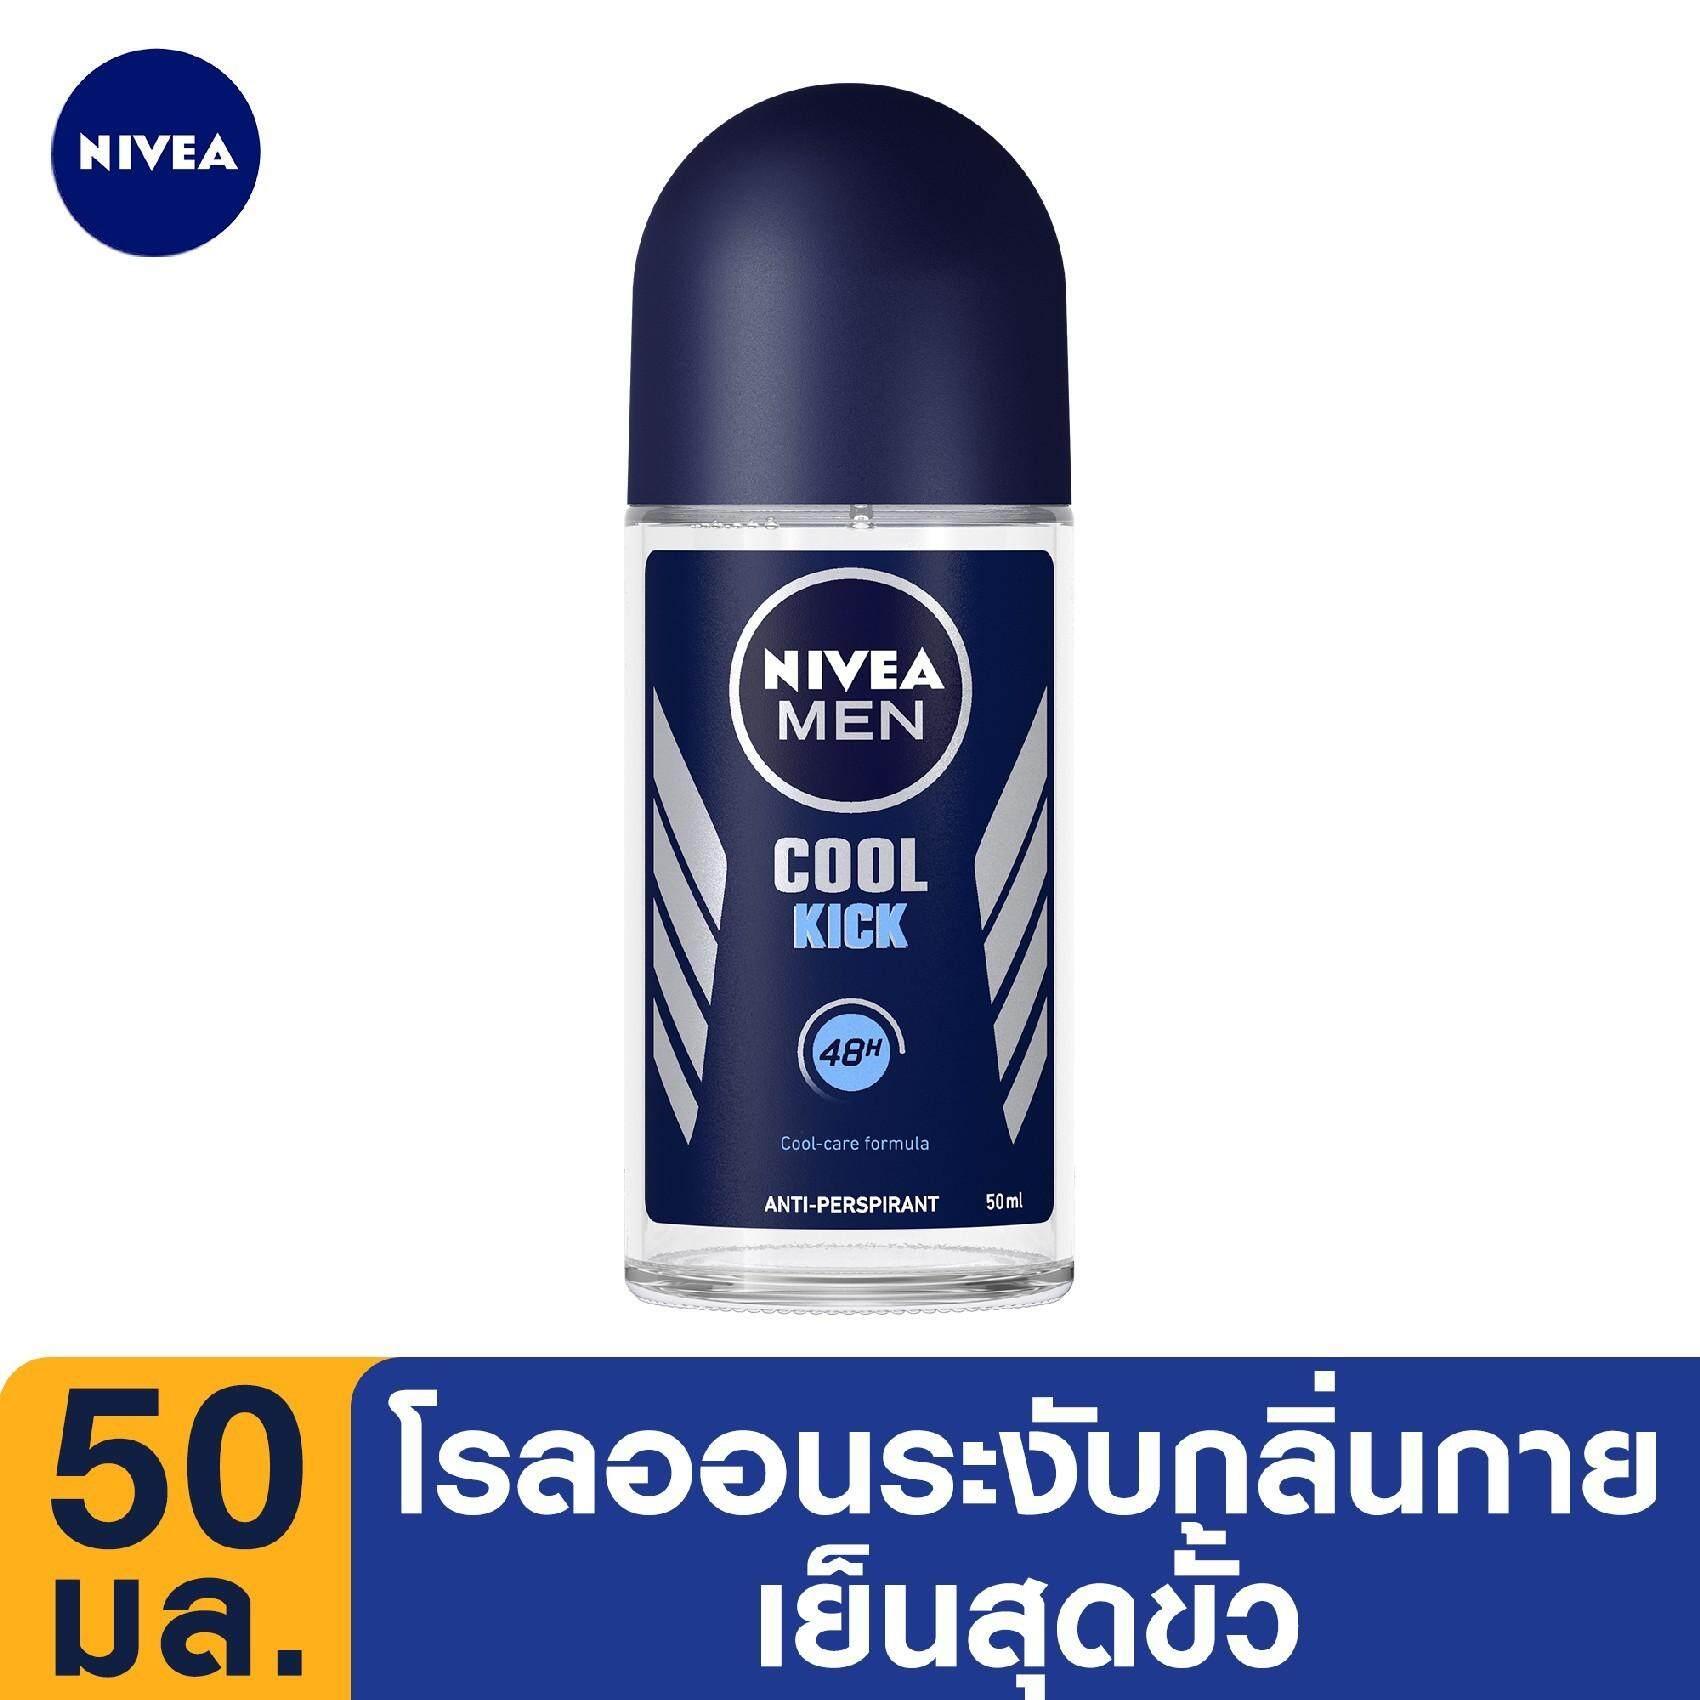 นีเวีย ดีโอ เมน คูล คิก โรลออน ระงับกลิ่นกาย สำหรับผู้ชาย 50 มล. NIVEA Deo Men Cool Kick Roll On 50 ml.